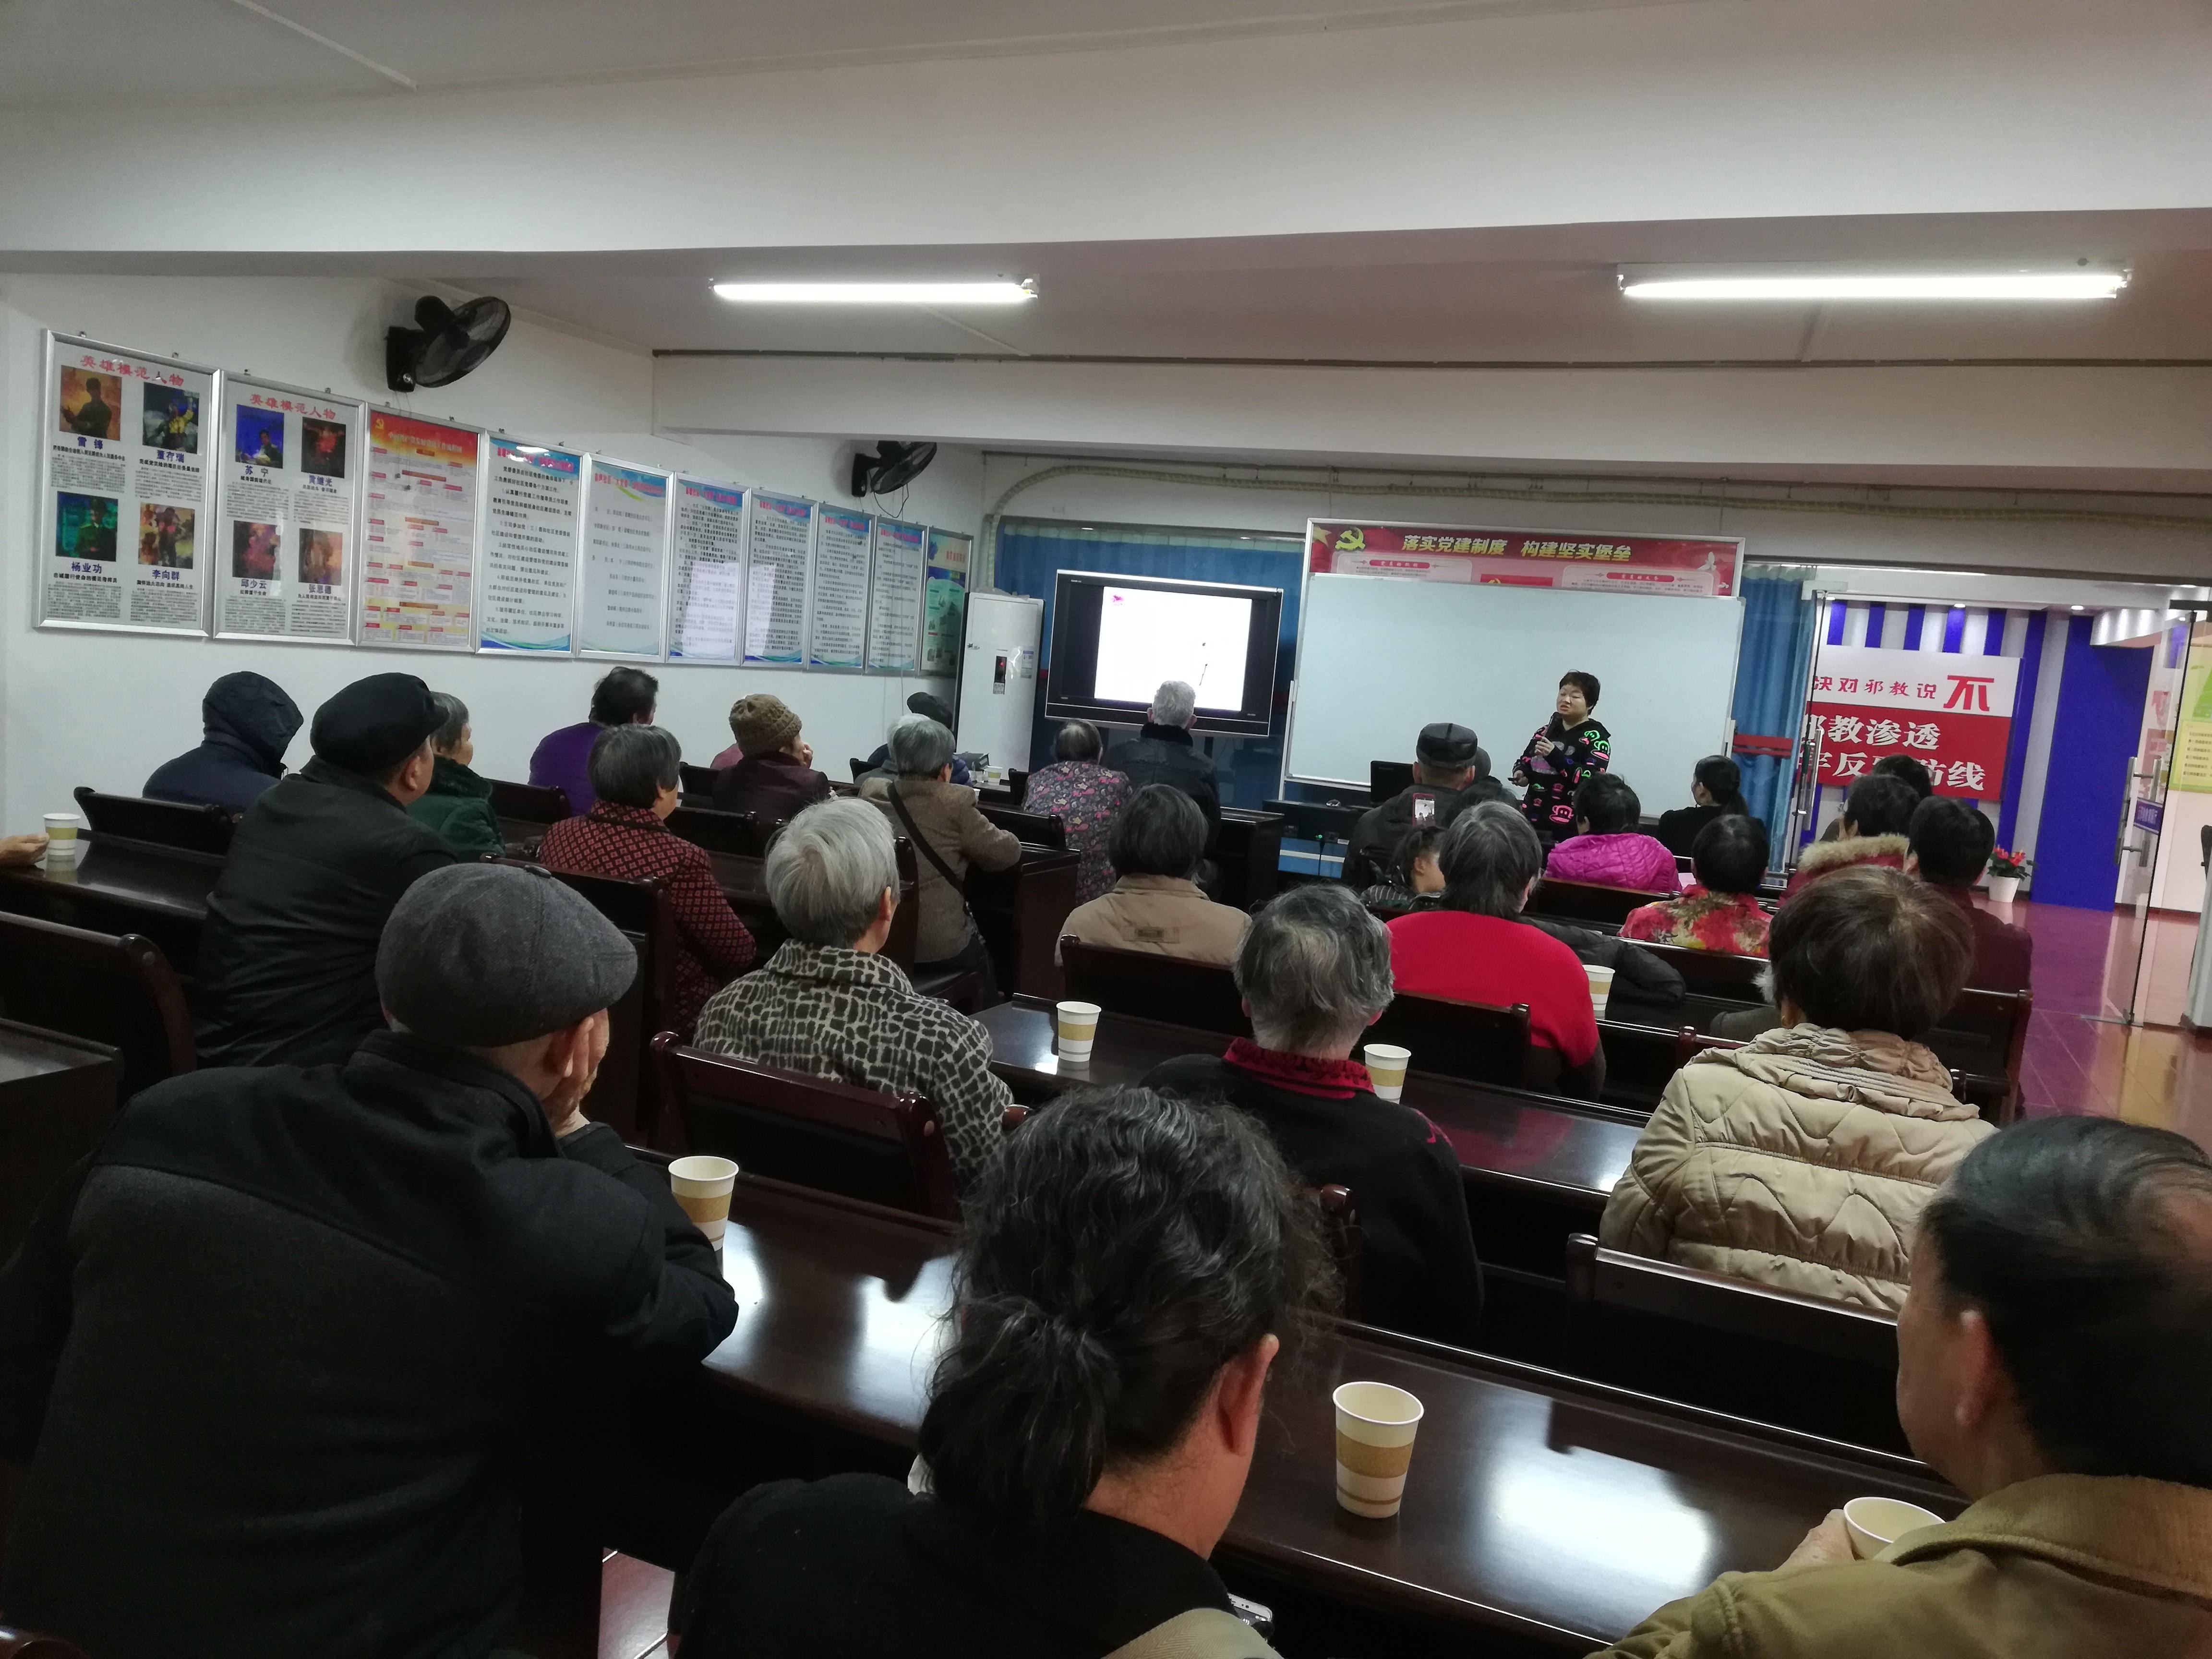 翁墩社区计生协开展冬季健康知识讲座